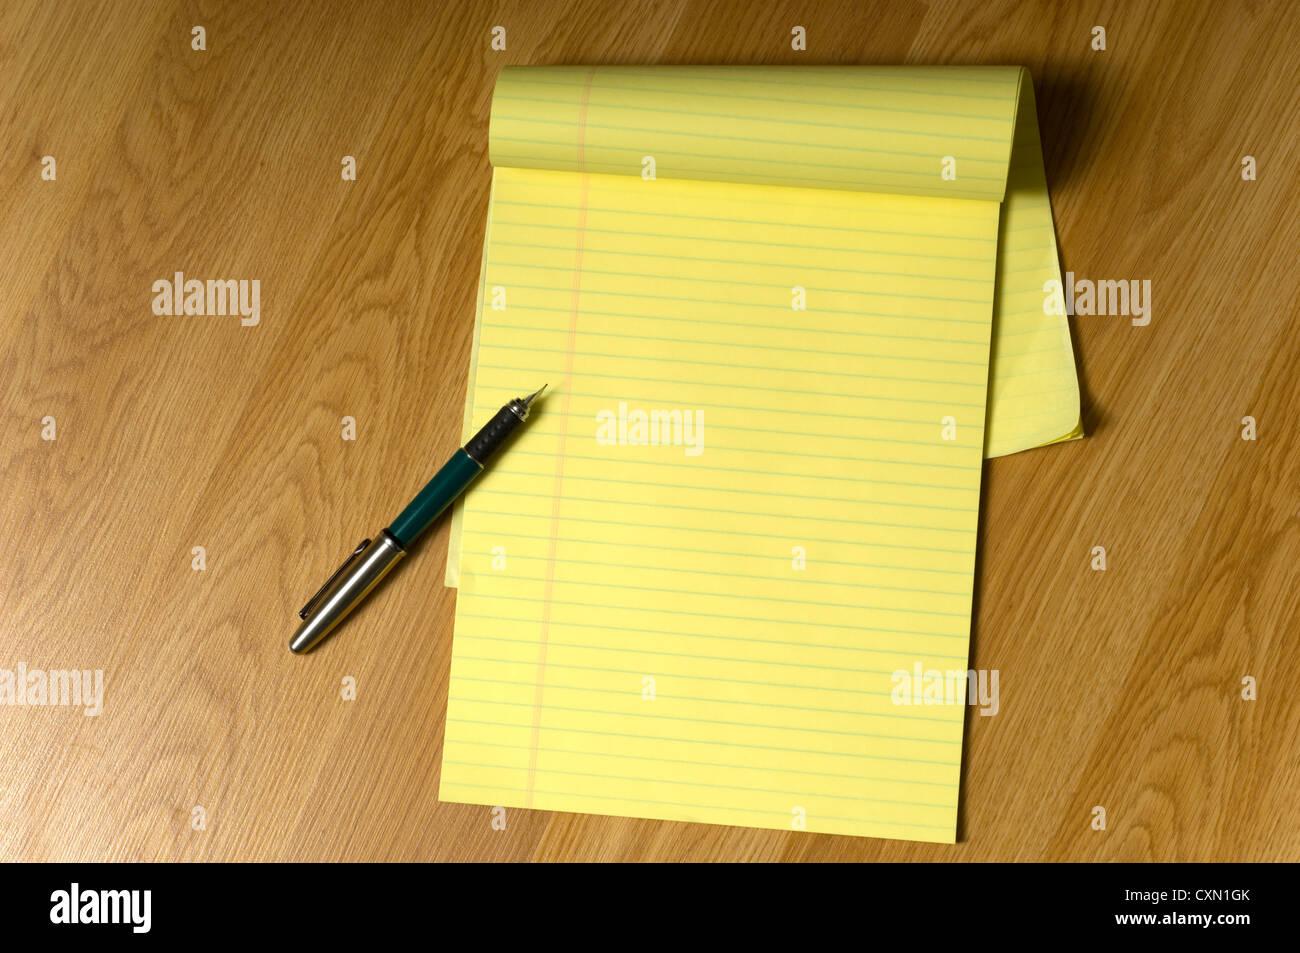 Un blanc jaune tampon juridique sur un bureau en bois brun ou au